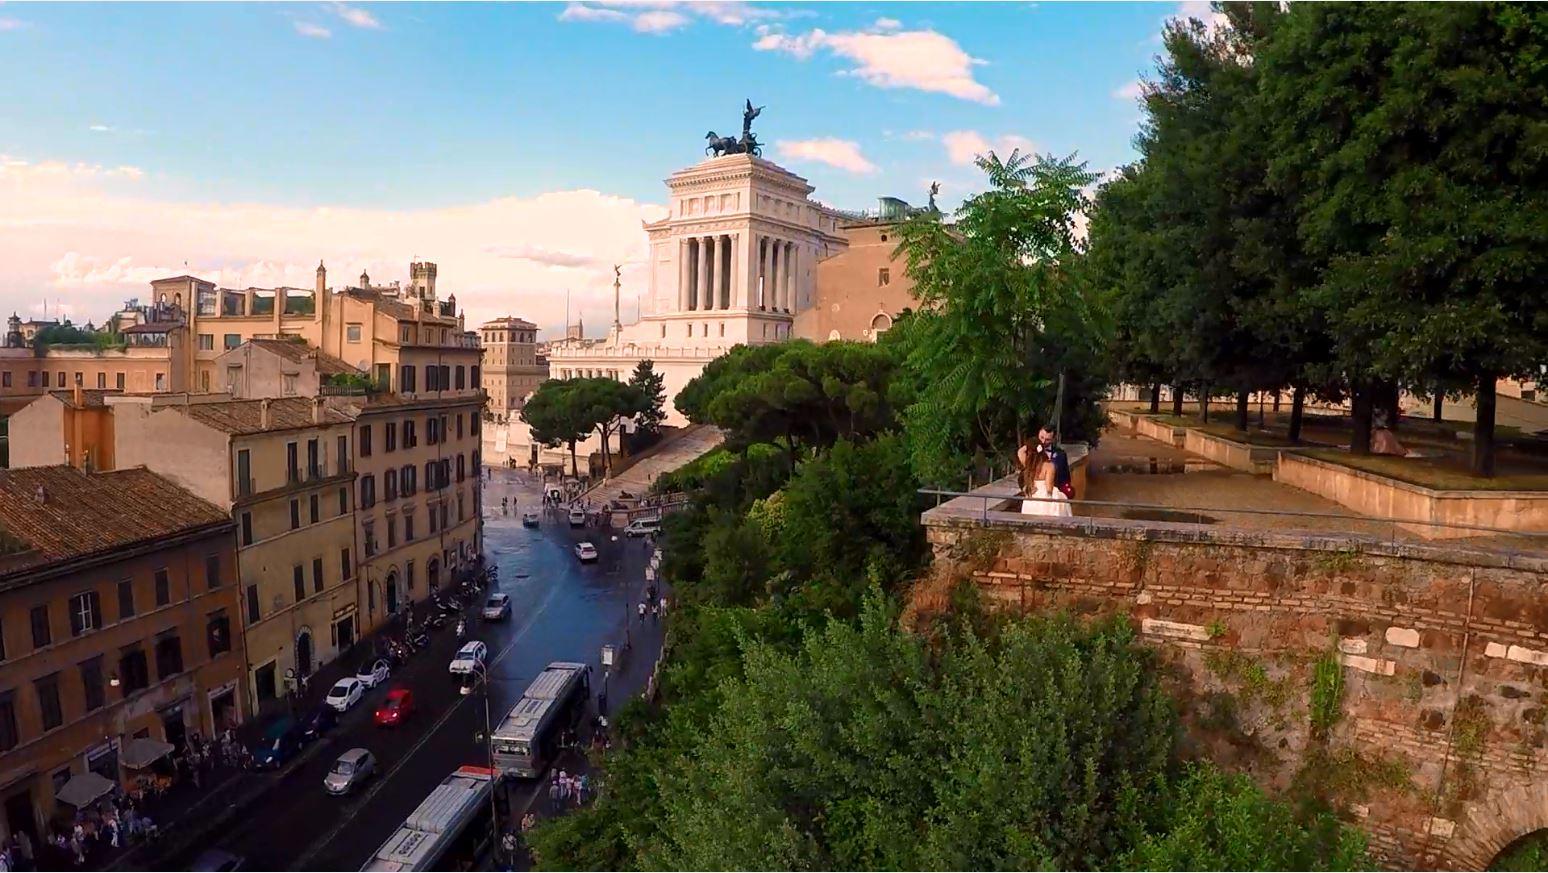 Un baile por Roma 13 - Be There Before